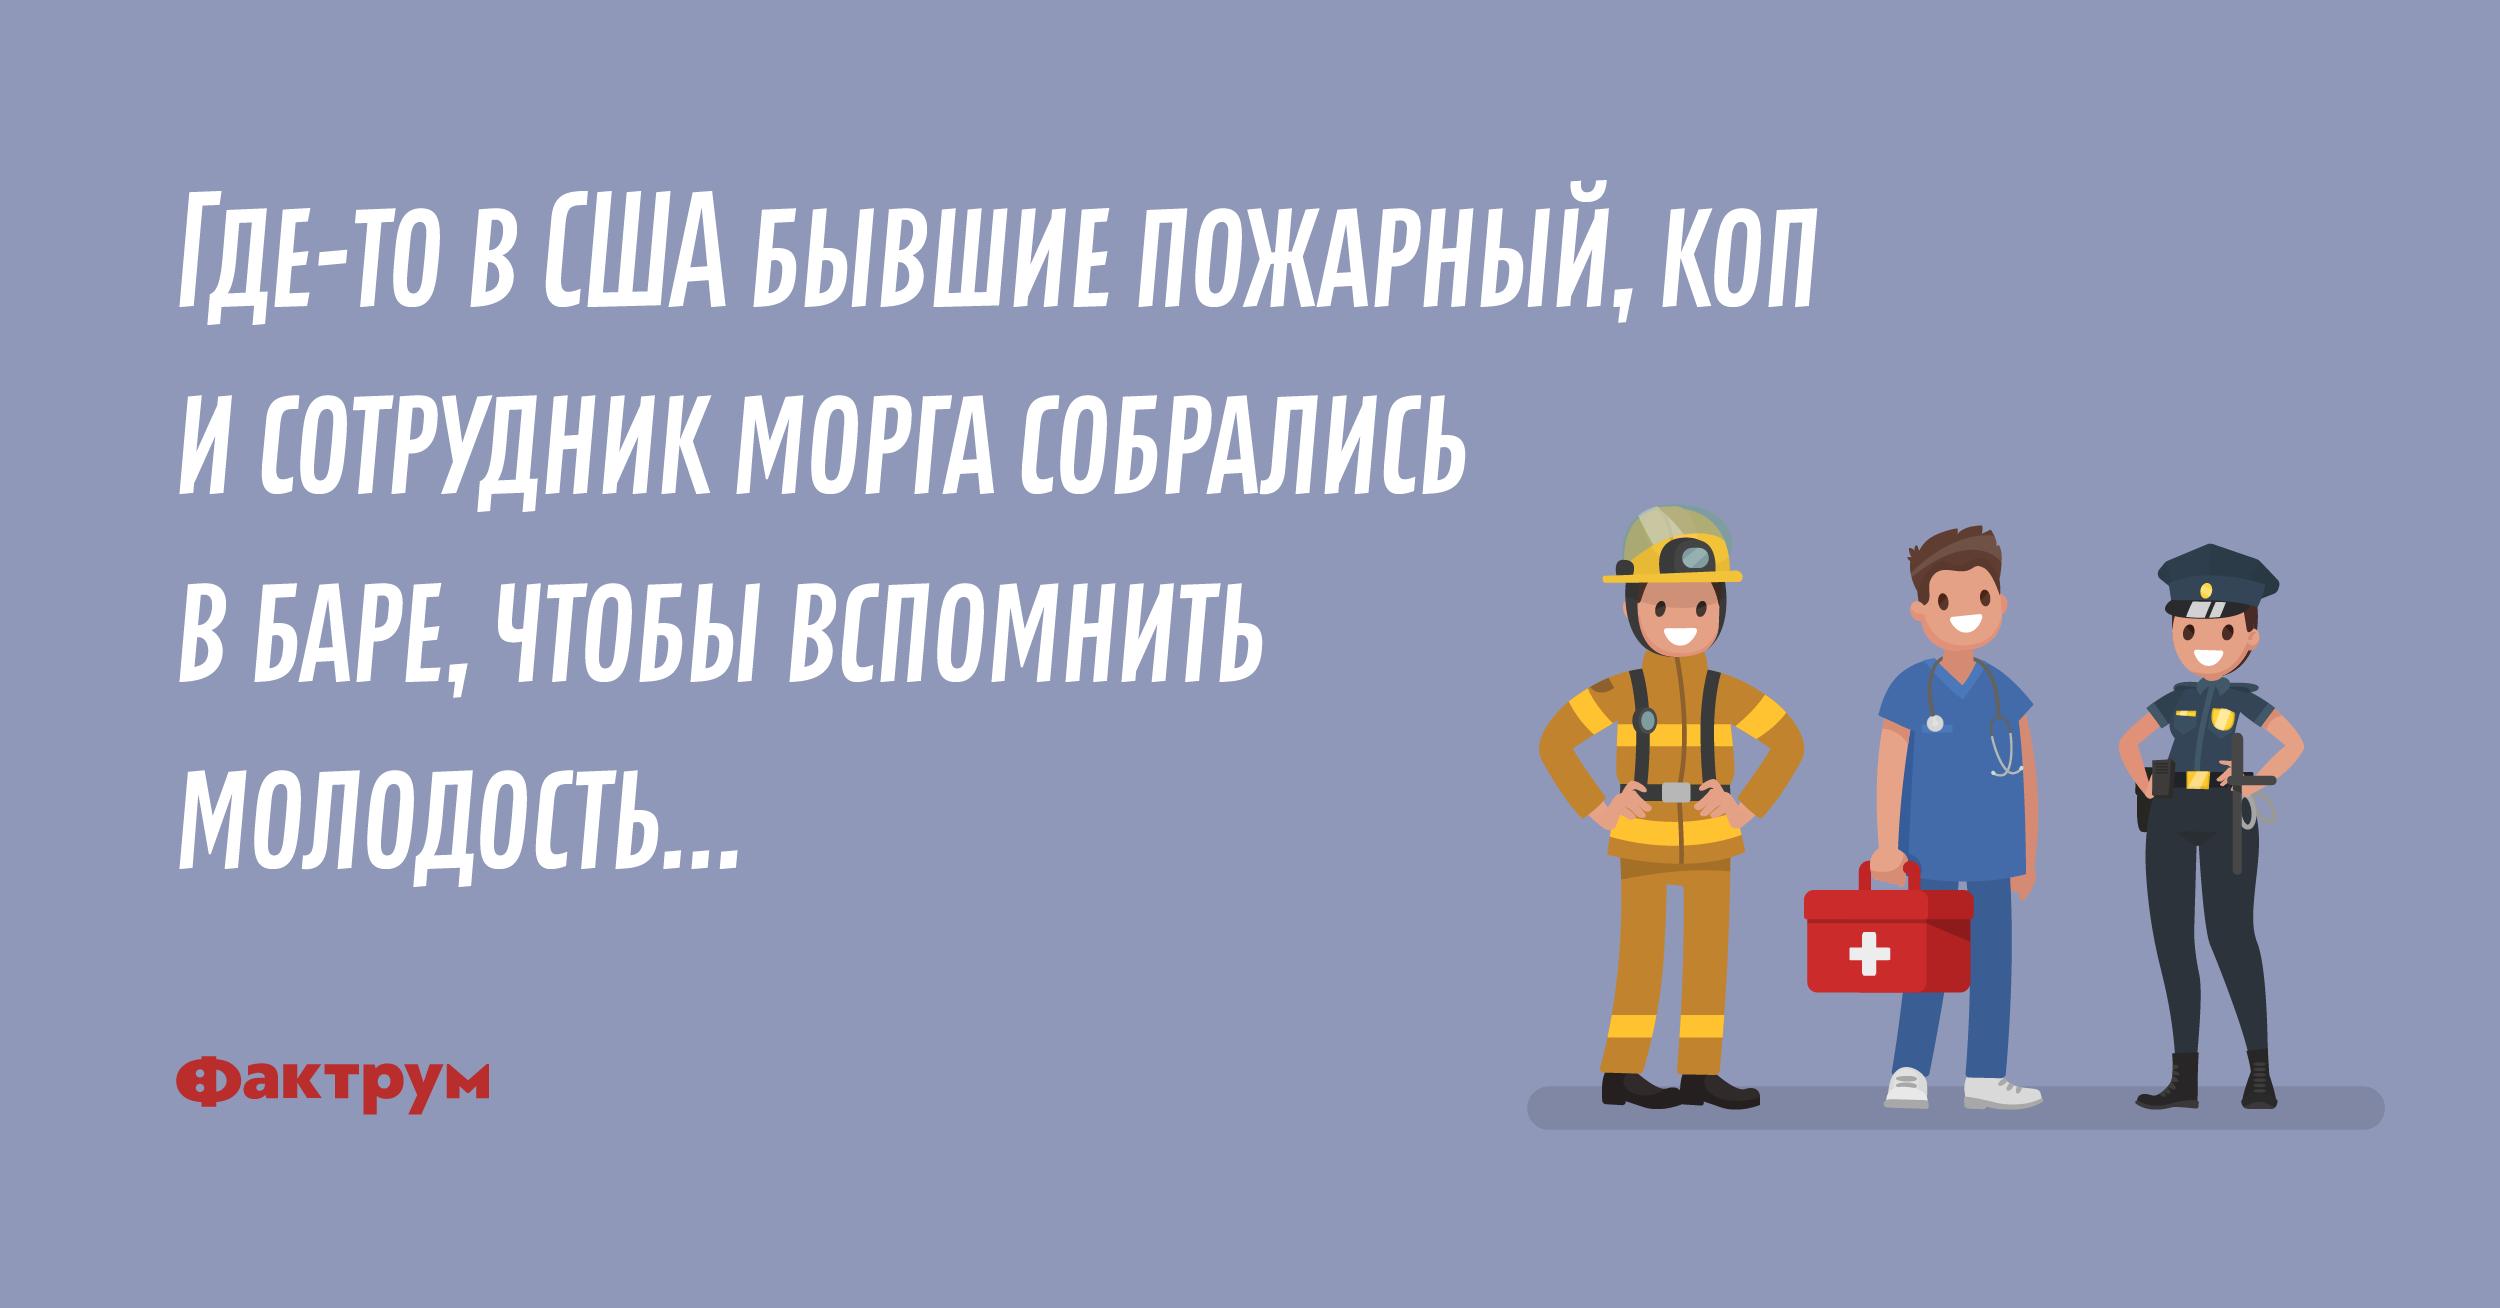 Анекдот овоспоминаниях бывшего пожарного, копа иработника морга